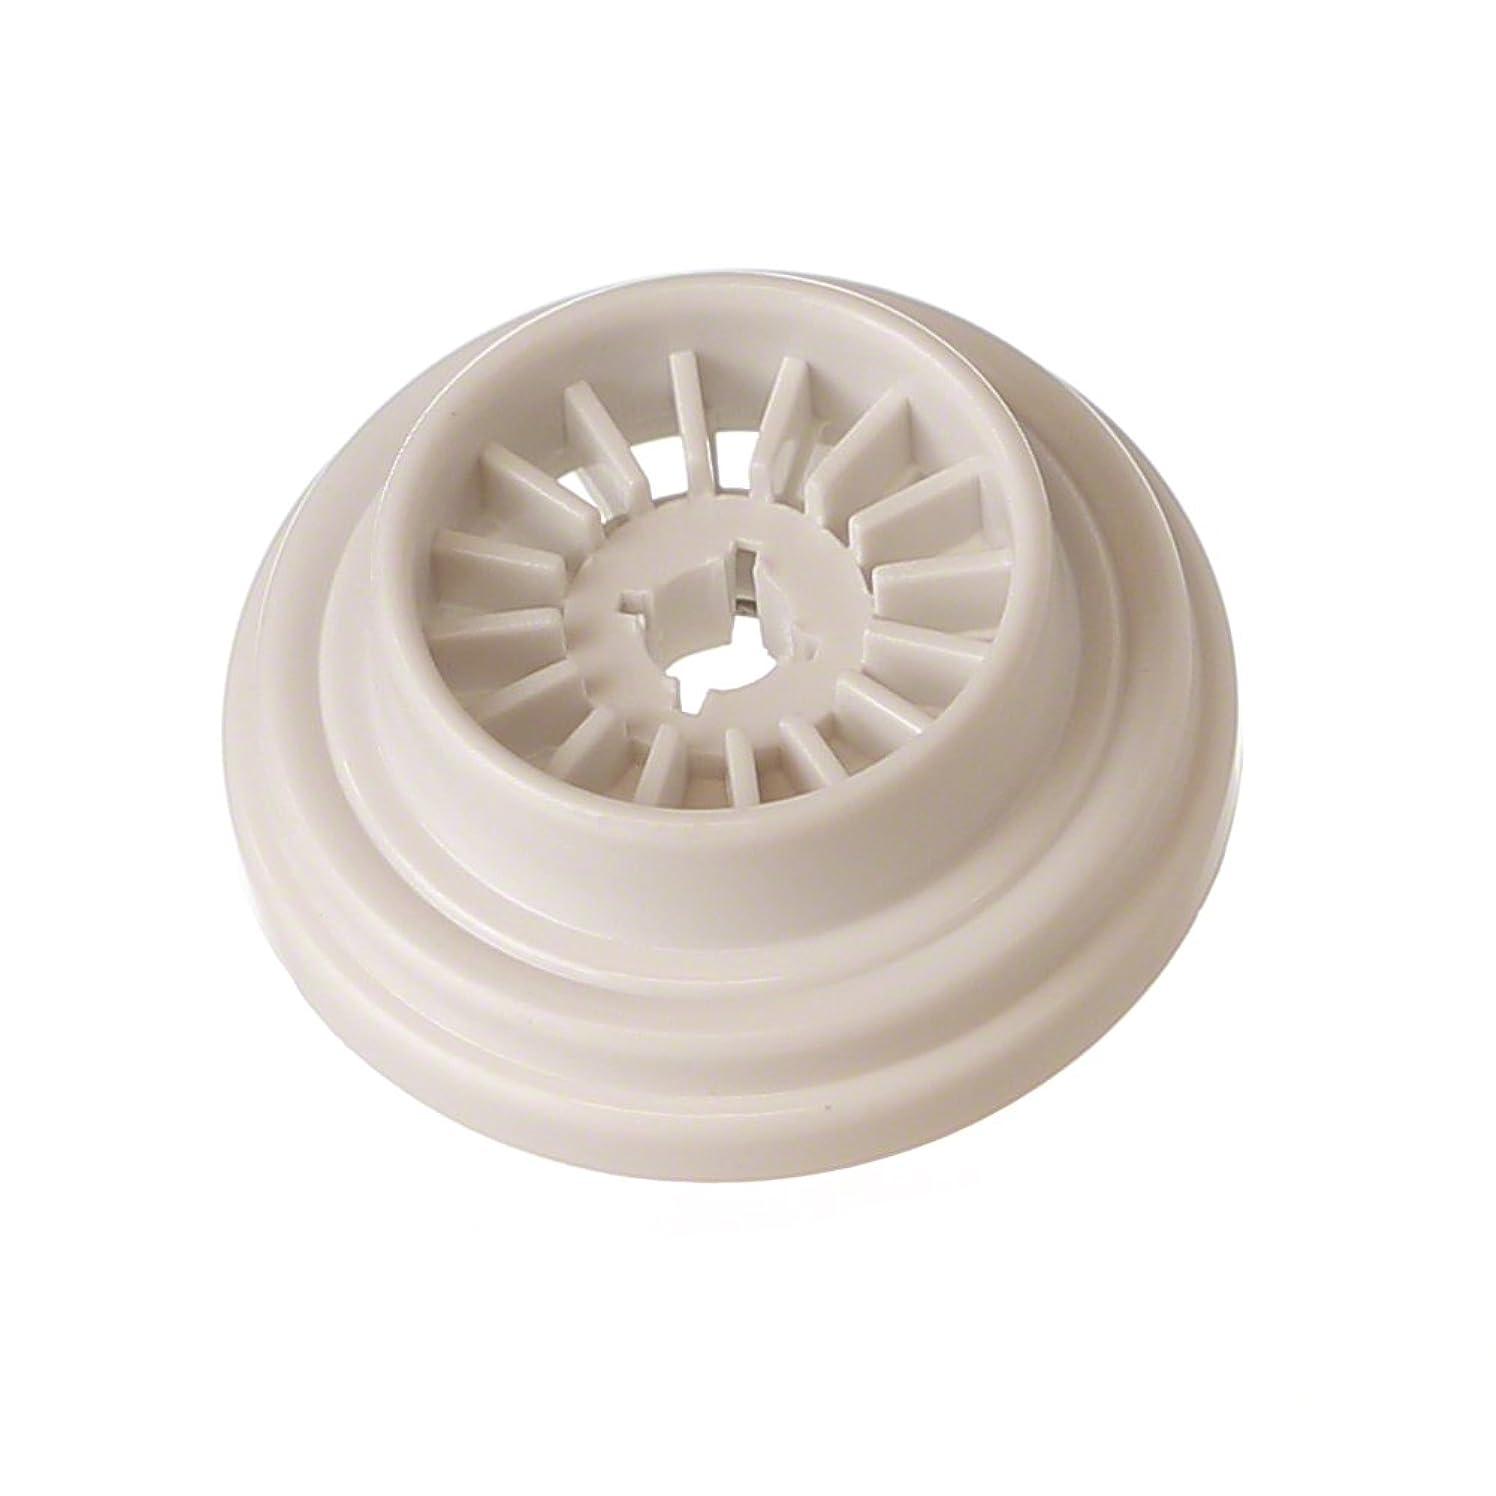 HONEYSEW 2pcs Spool Pin Cap (Large) For Singer 2000 4000 5000 6000 9000 Series